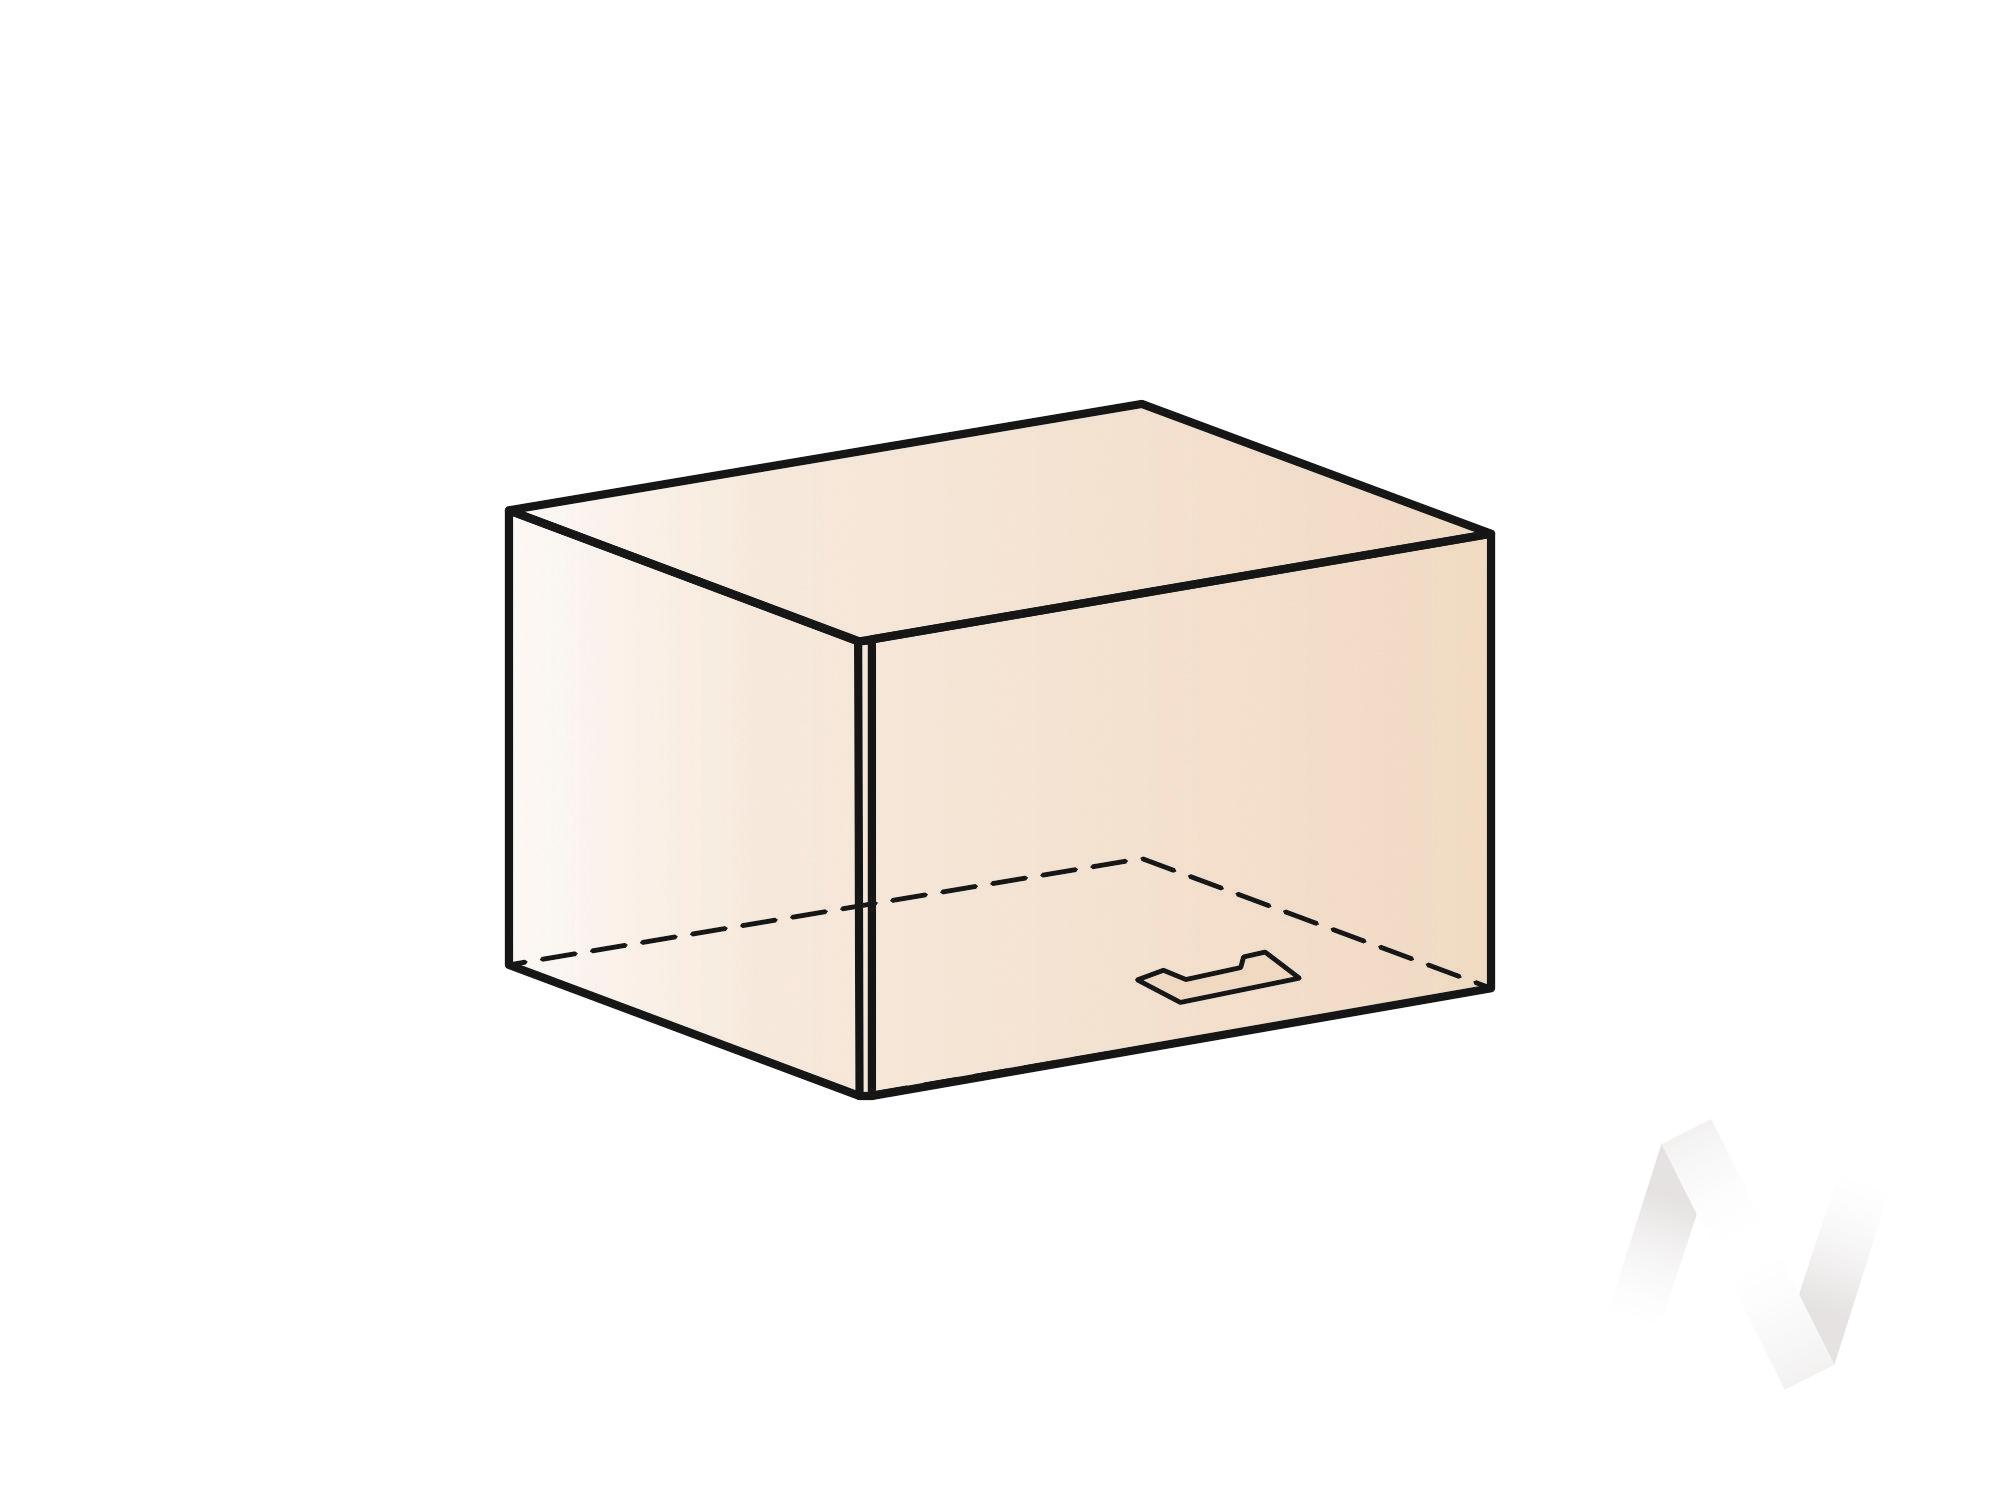 """Кухня """"Вена"""": Шкаф верхний горизонтальный 600, ШВГ 600 (корпус венге)  в Томске — интернет магазин МИРА-мебель"""